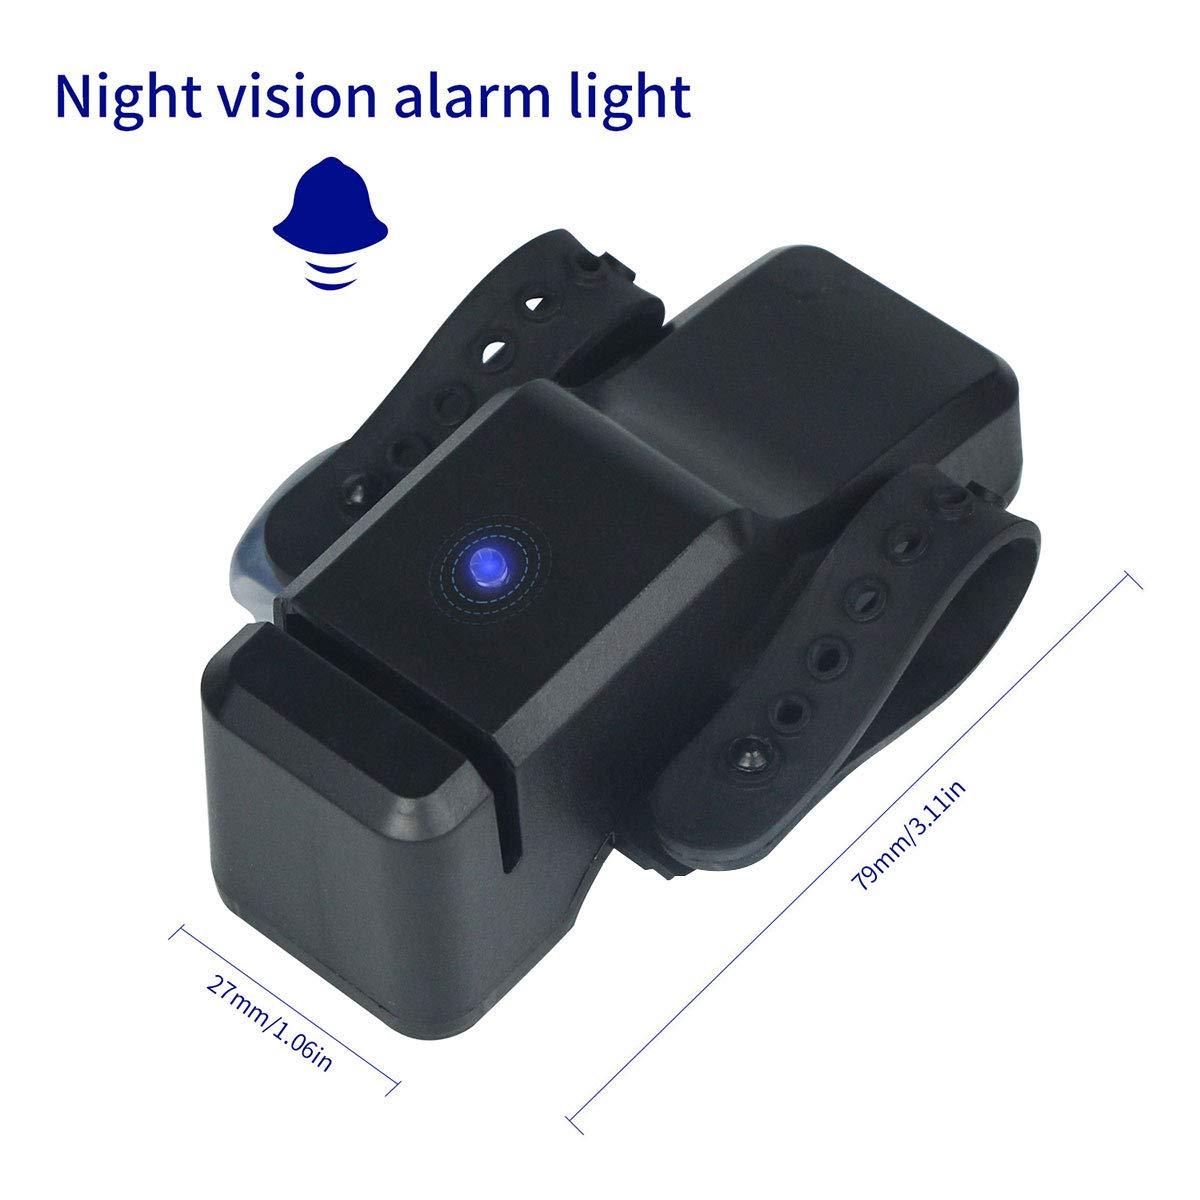 Alarma de mordedura de pesca, OXOQO Indicador electrónico de alarma de mordedura de pesca de alta sensibilidad portátil con correa ajustable Alarma de ...